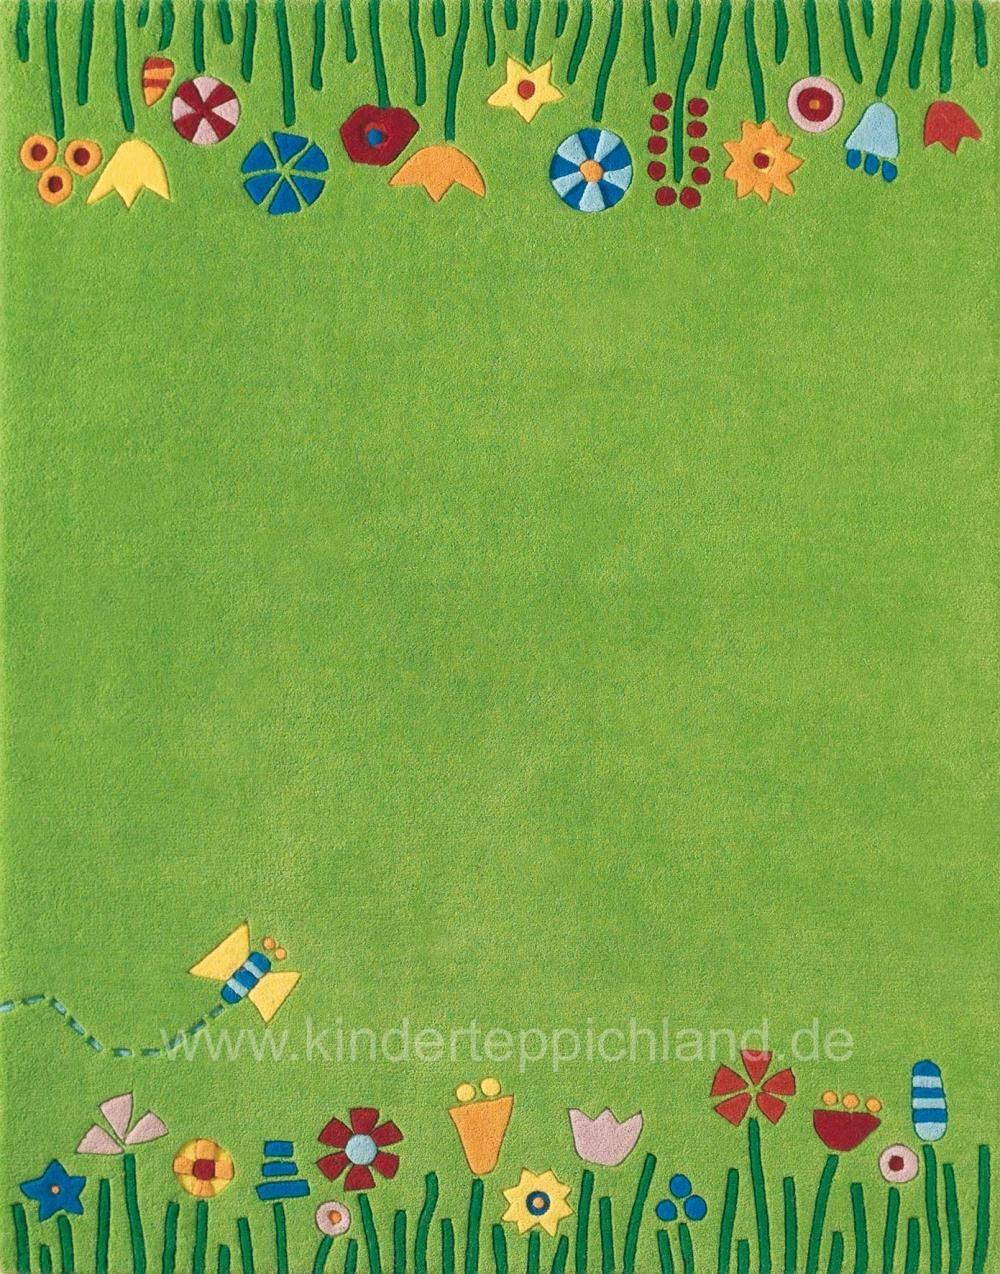 haba teppich wiese kinder pinterest kinderzimmer kinderteppiche und haba. Black Bedroom Furniture Sets. Home Design Ideas